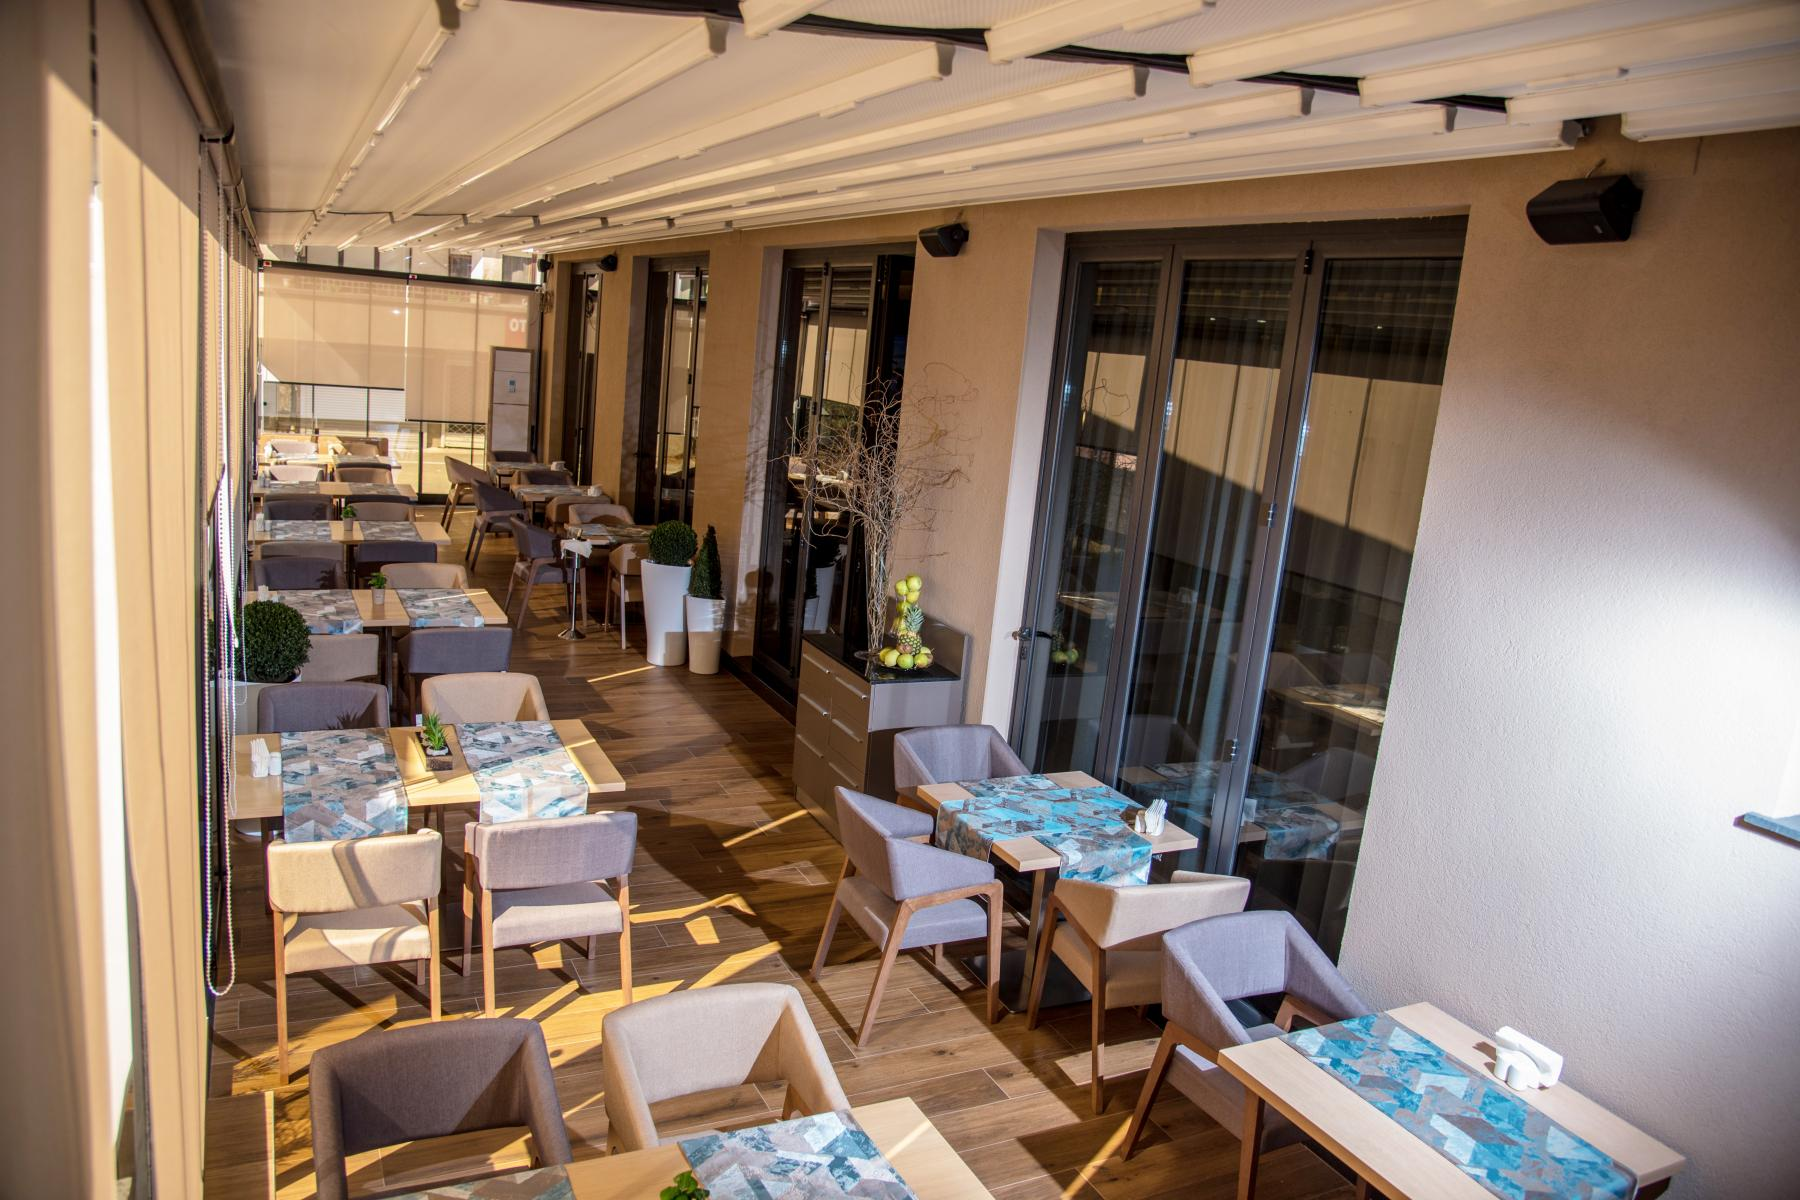 Нощувка със закуска за двама в хотел Бест Уестърн Премиер****, Пловдив, снимка 5